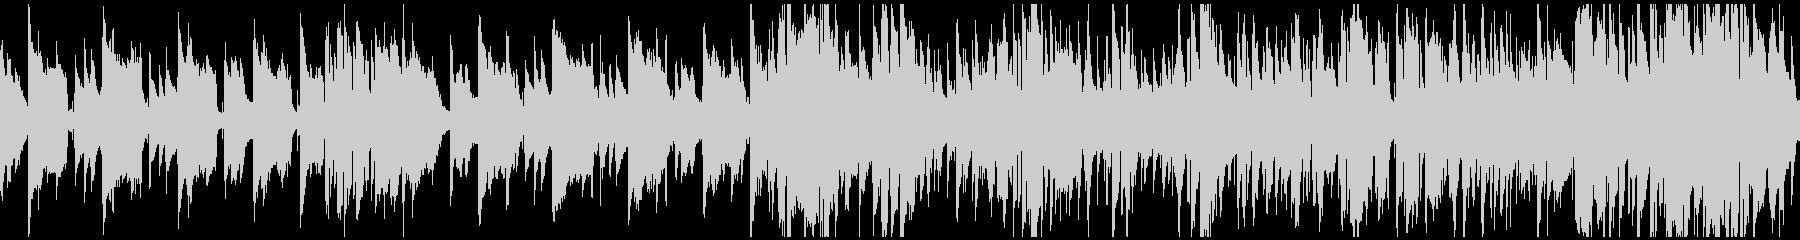 スパイ潜入ジャズハードボイルド※ループ版の未再生の波形